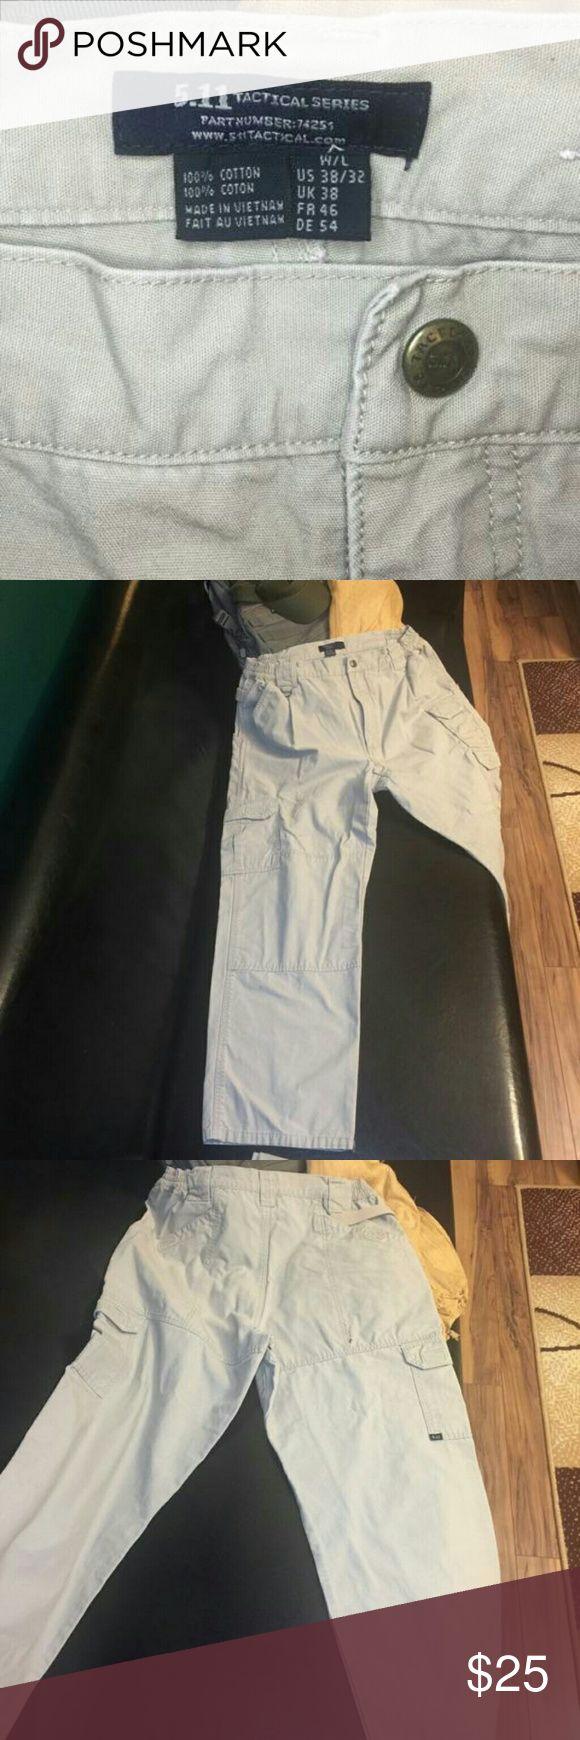 5.11 Tactical pants Details & Specs  Cotton Canvas 5.11 Tactical® Pants - Khaki work, contractors, Uniform apparel. Small stain near back pocket. 38/32 5.11 Tactical Pants Cargo